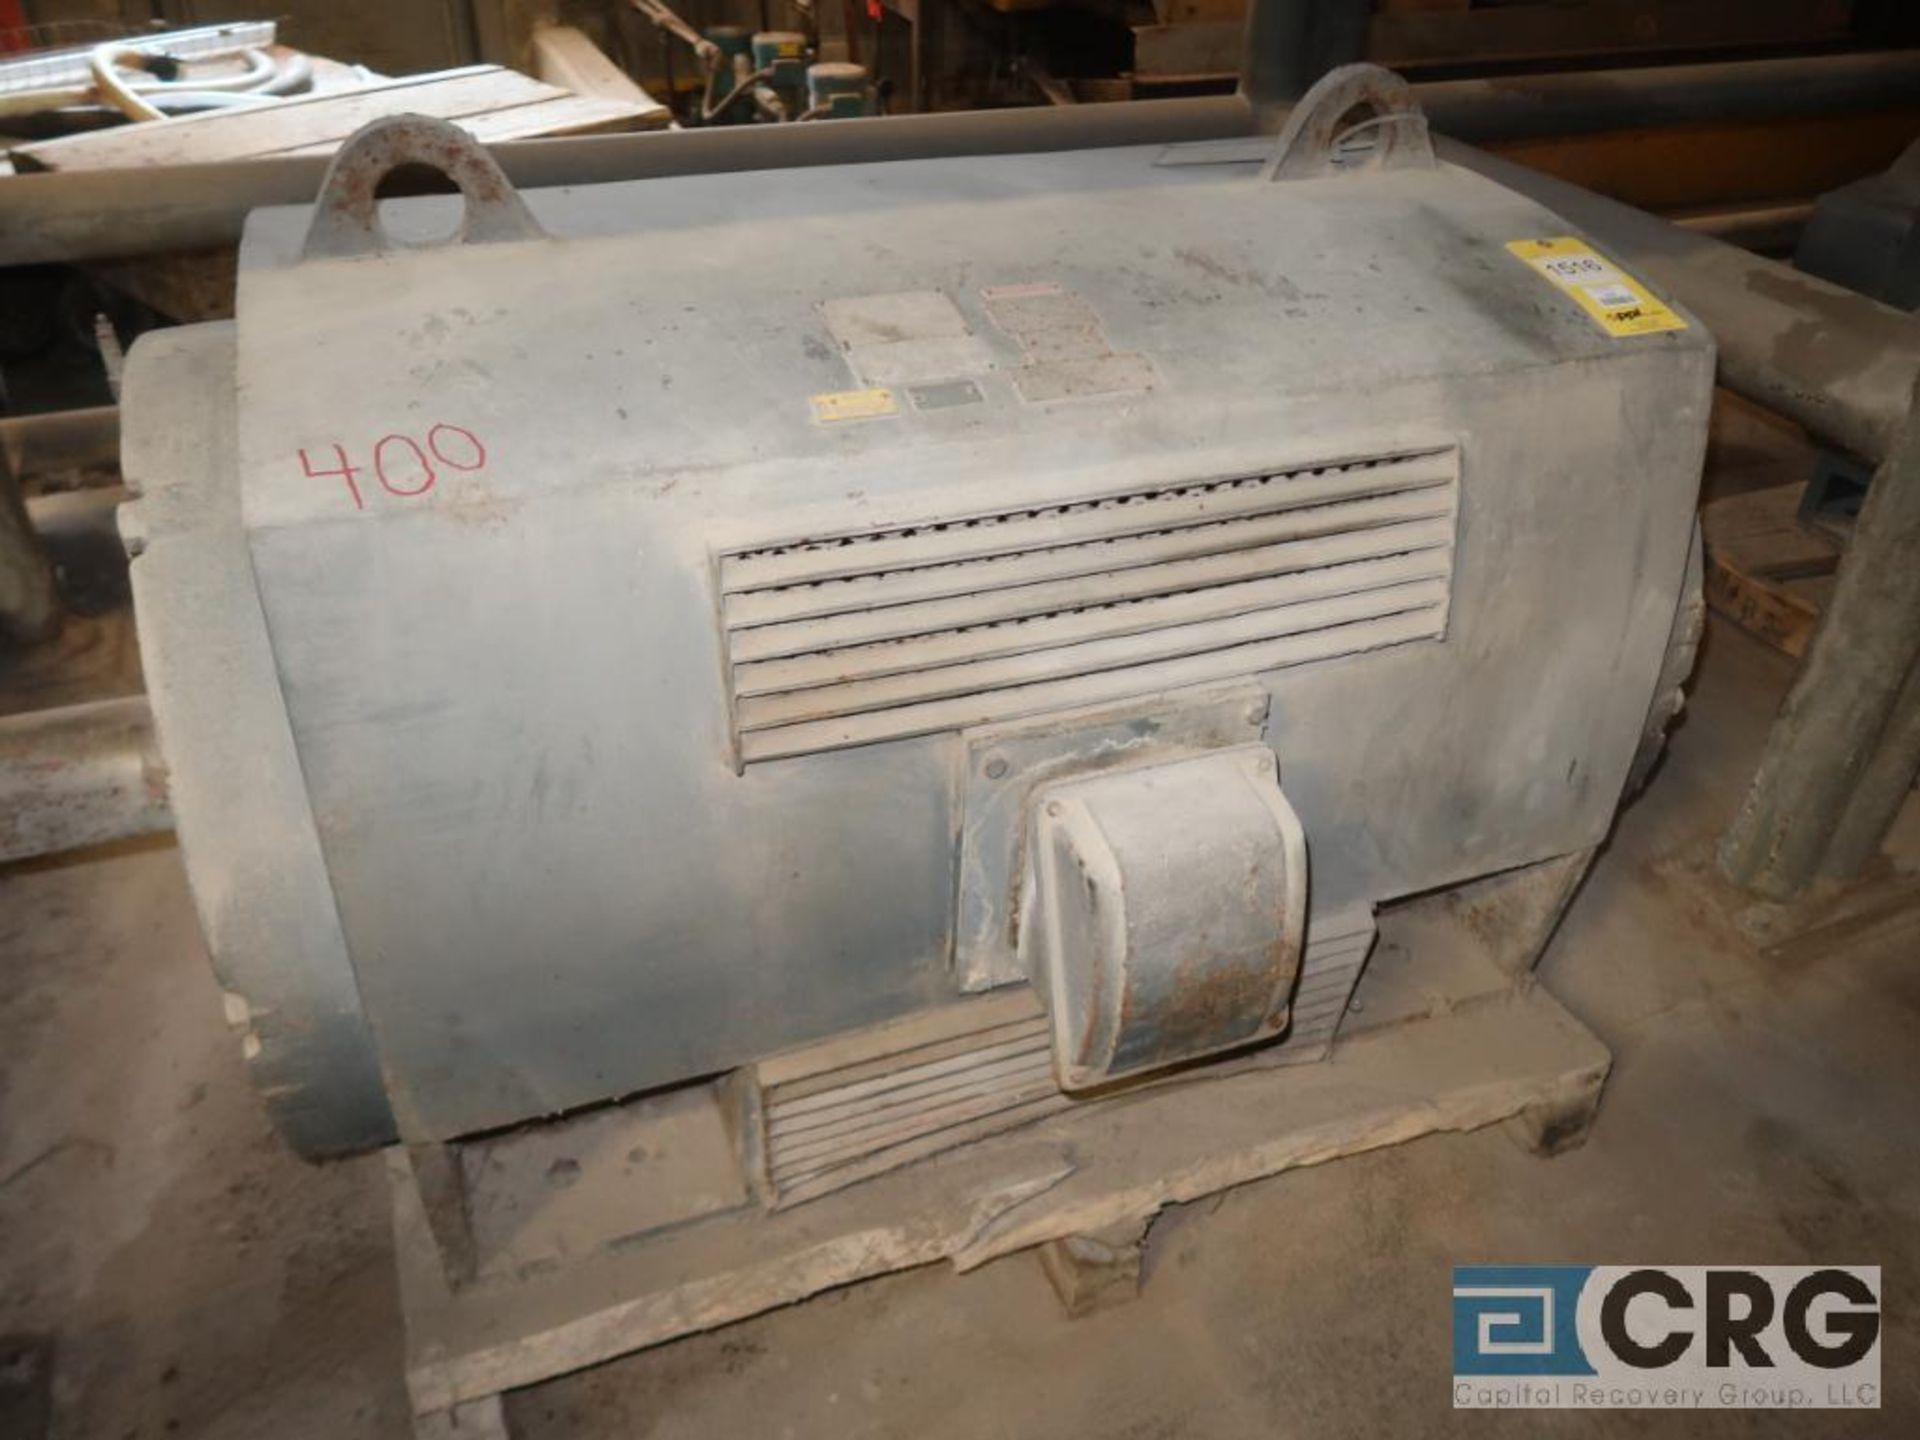 Teco motor, 400 HP, 704 RPM, 2,600 volt, equipment EE00824 (496 Dock Area)